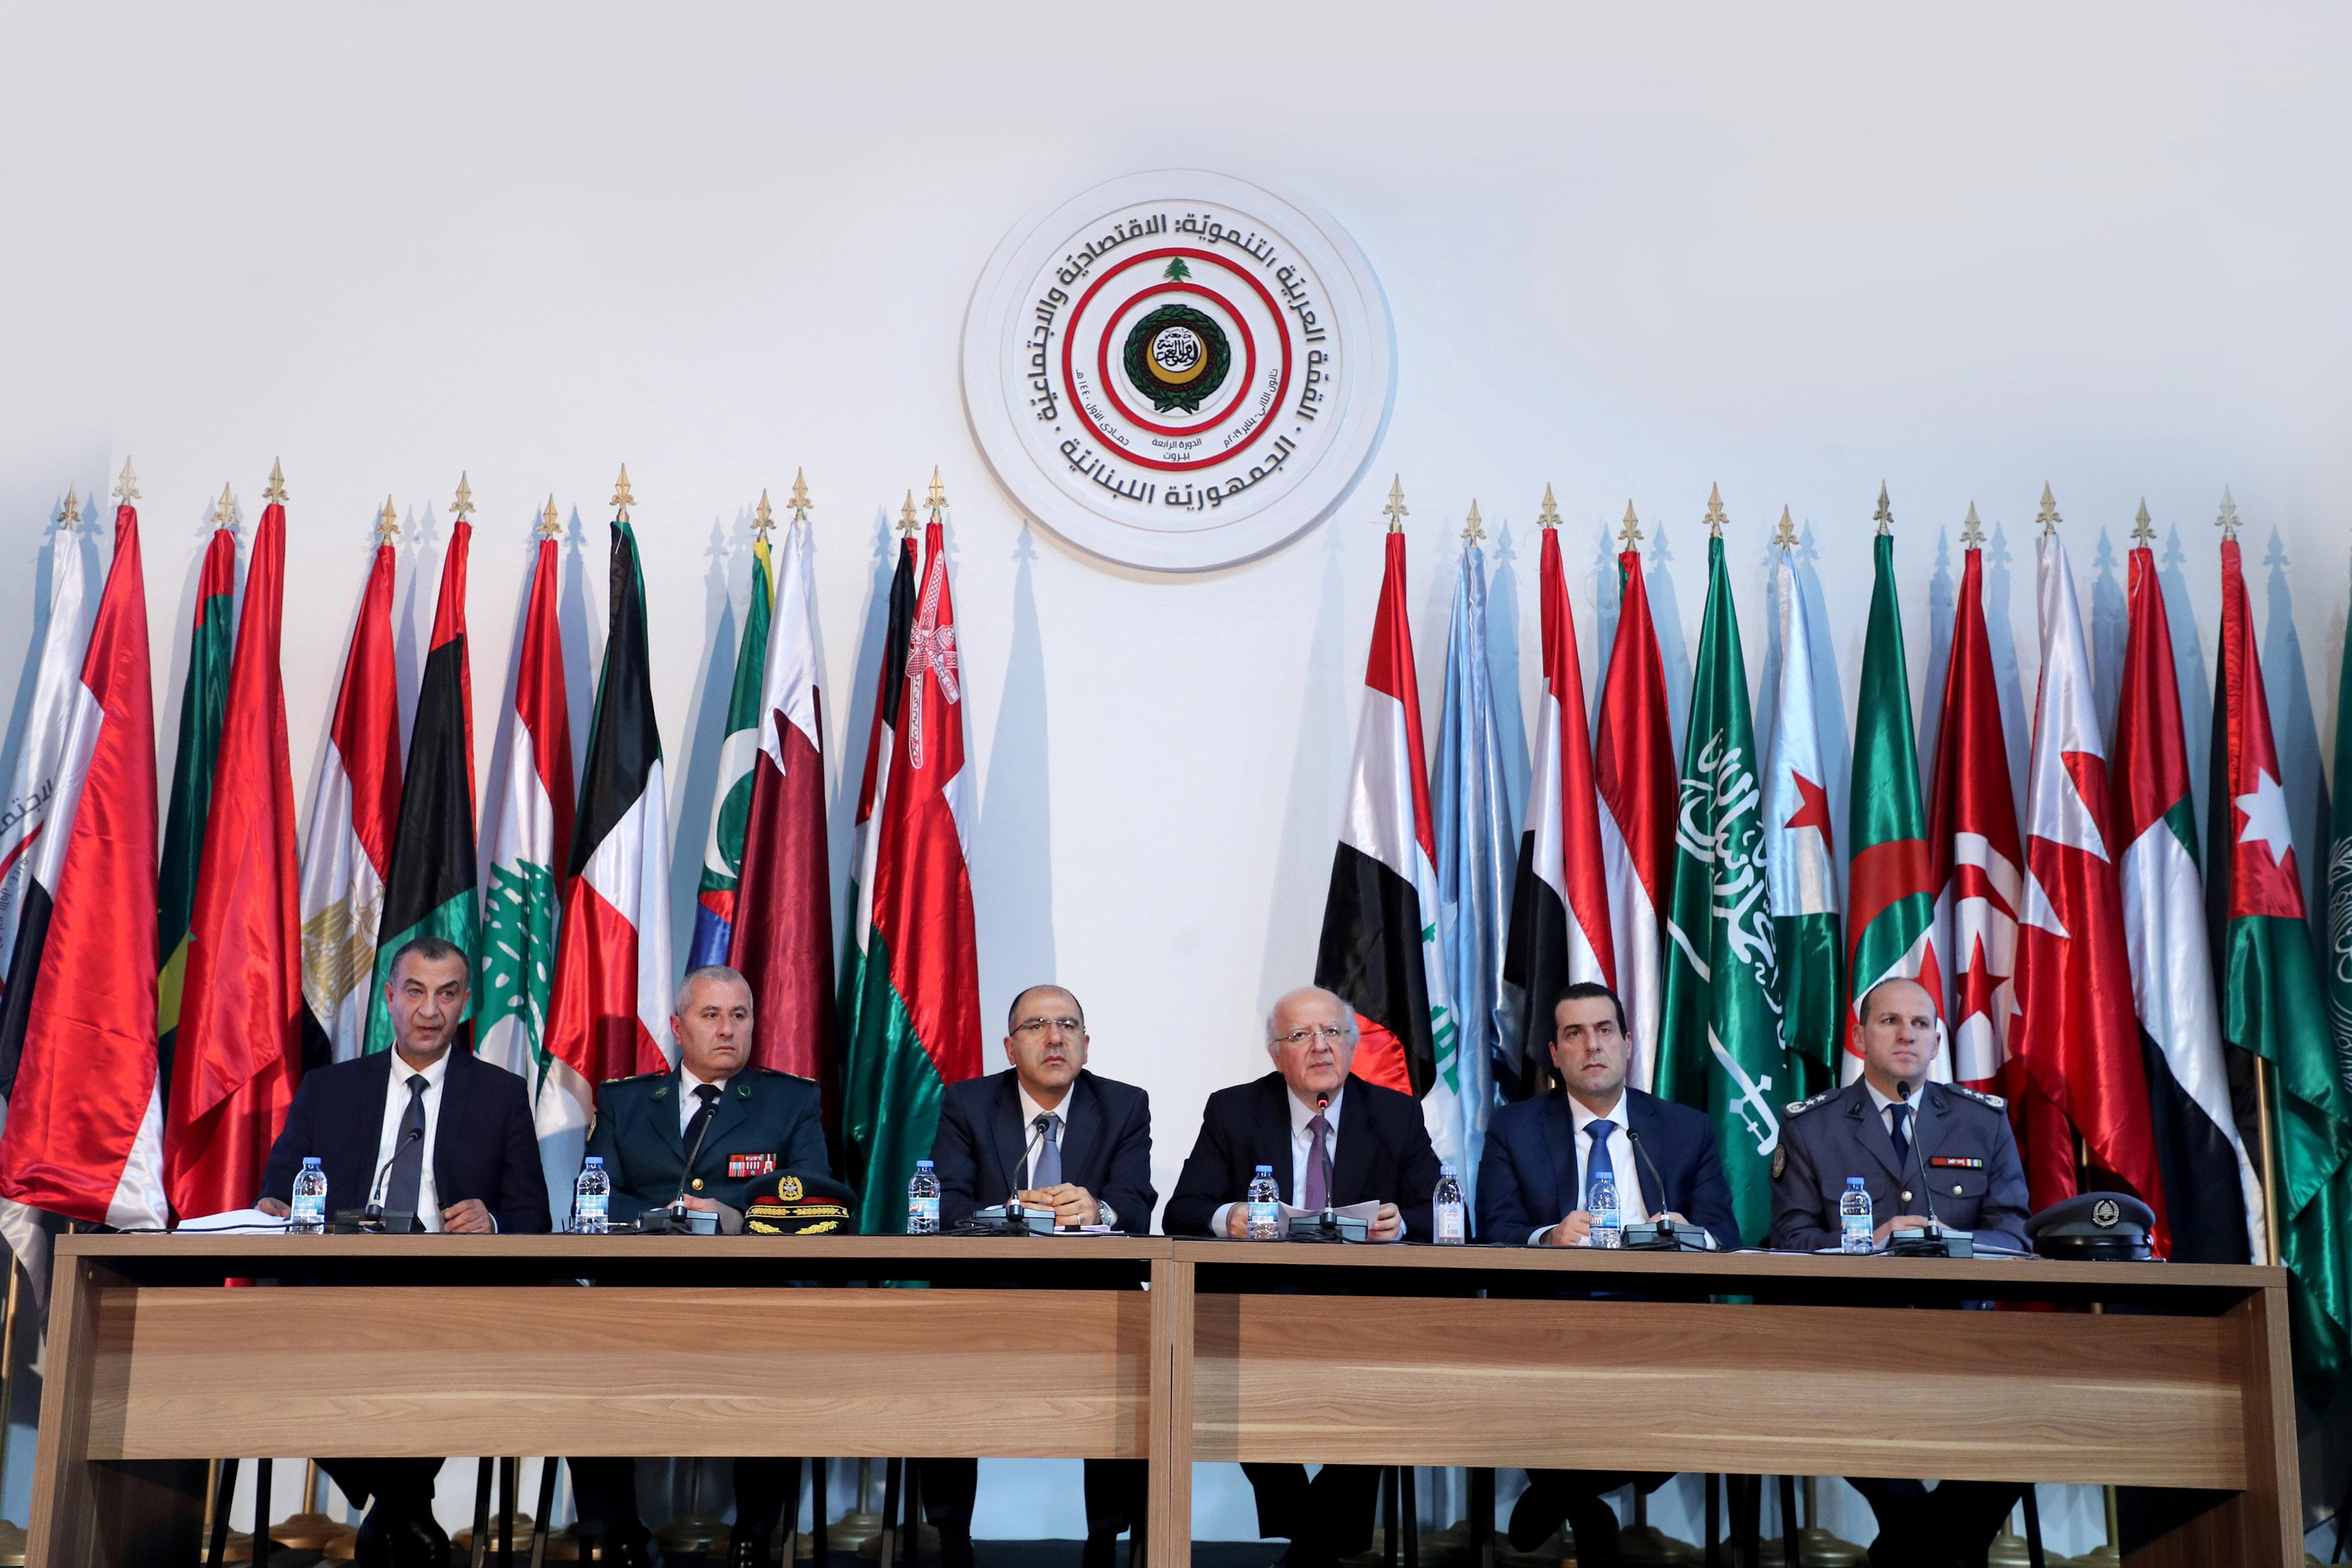 مؤتمر صحافي للجنة المنظمة للقمة الاقتصادية: مشاركة سوريا مرتبطة بقرار مجلس وزراء الخارجية العرب وتمزيق العلم الليبي مؤسف وتأكيد حضور 7 قادة حتى الآن